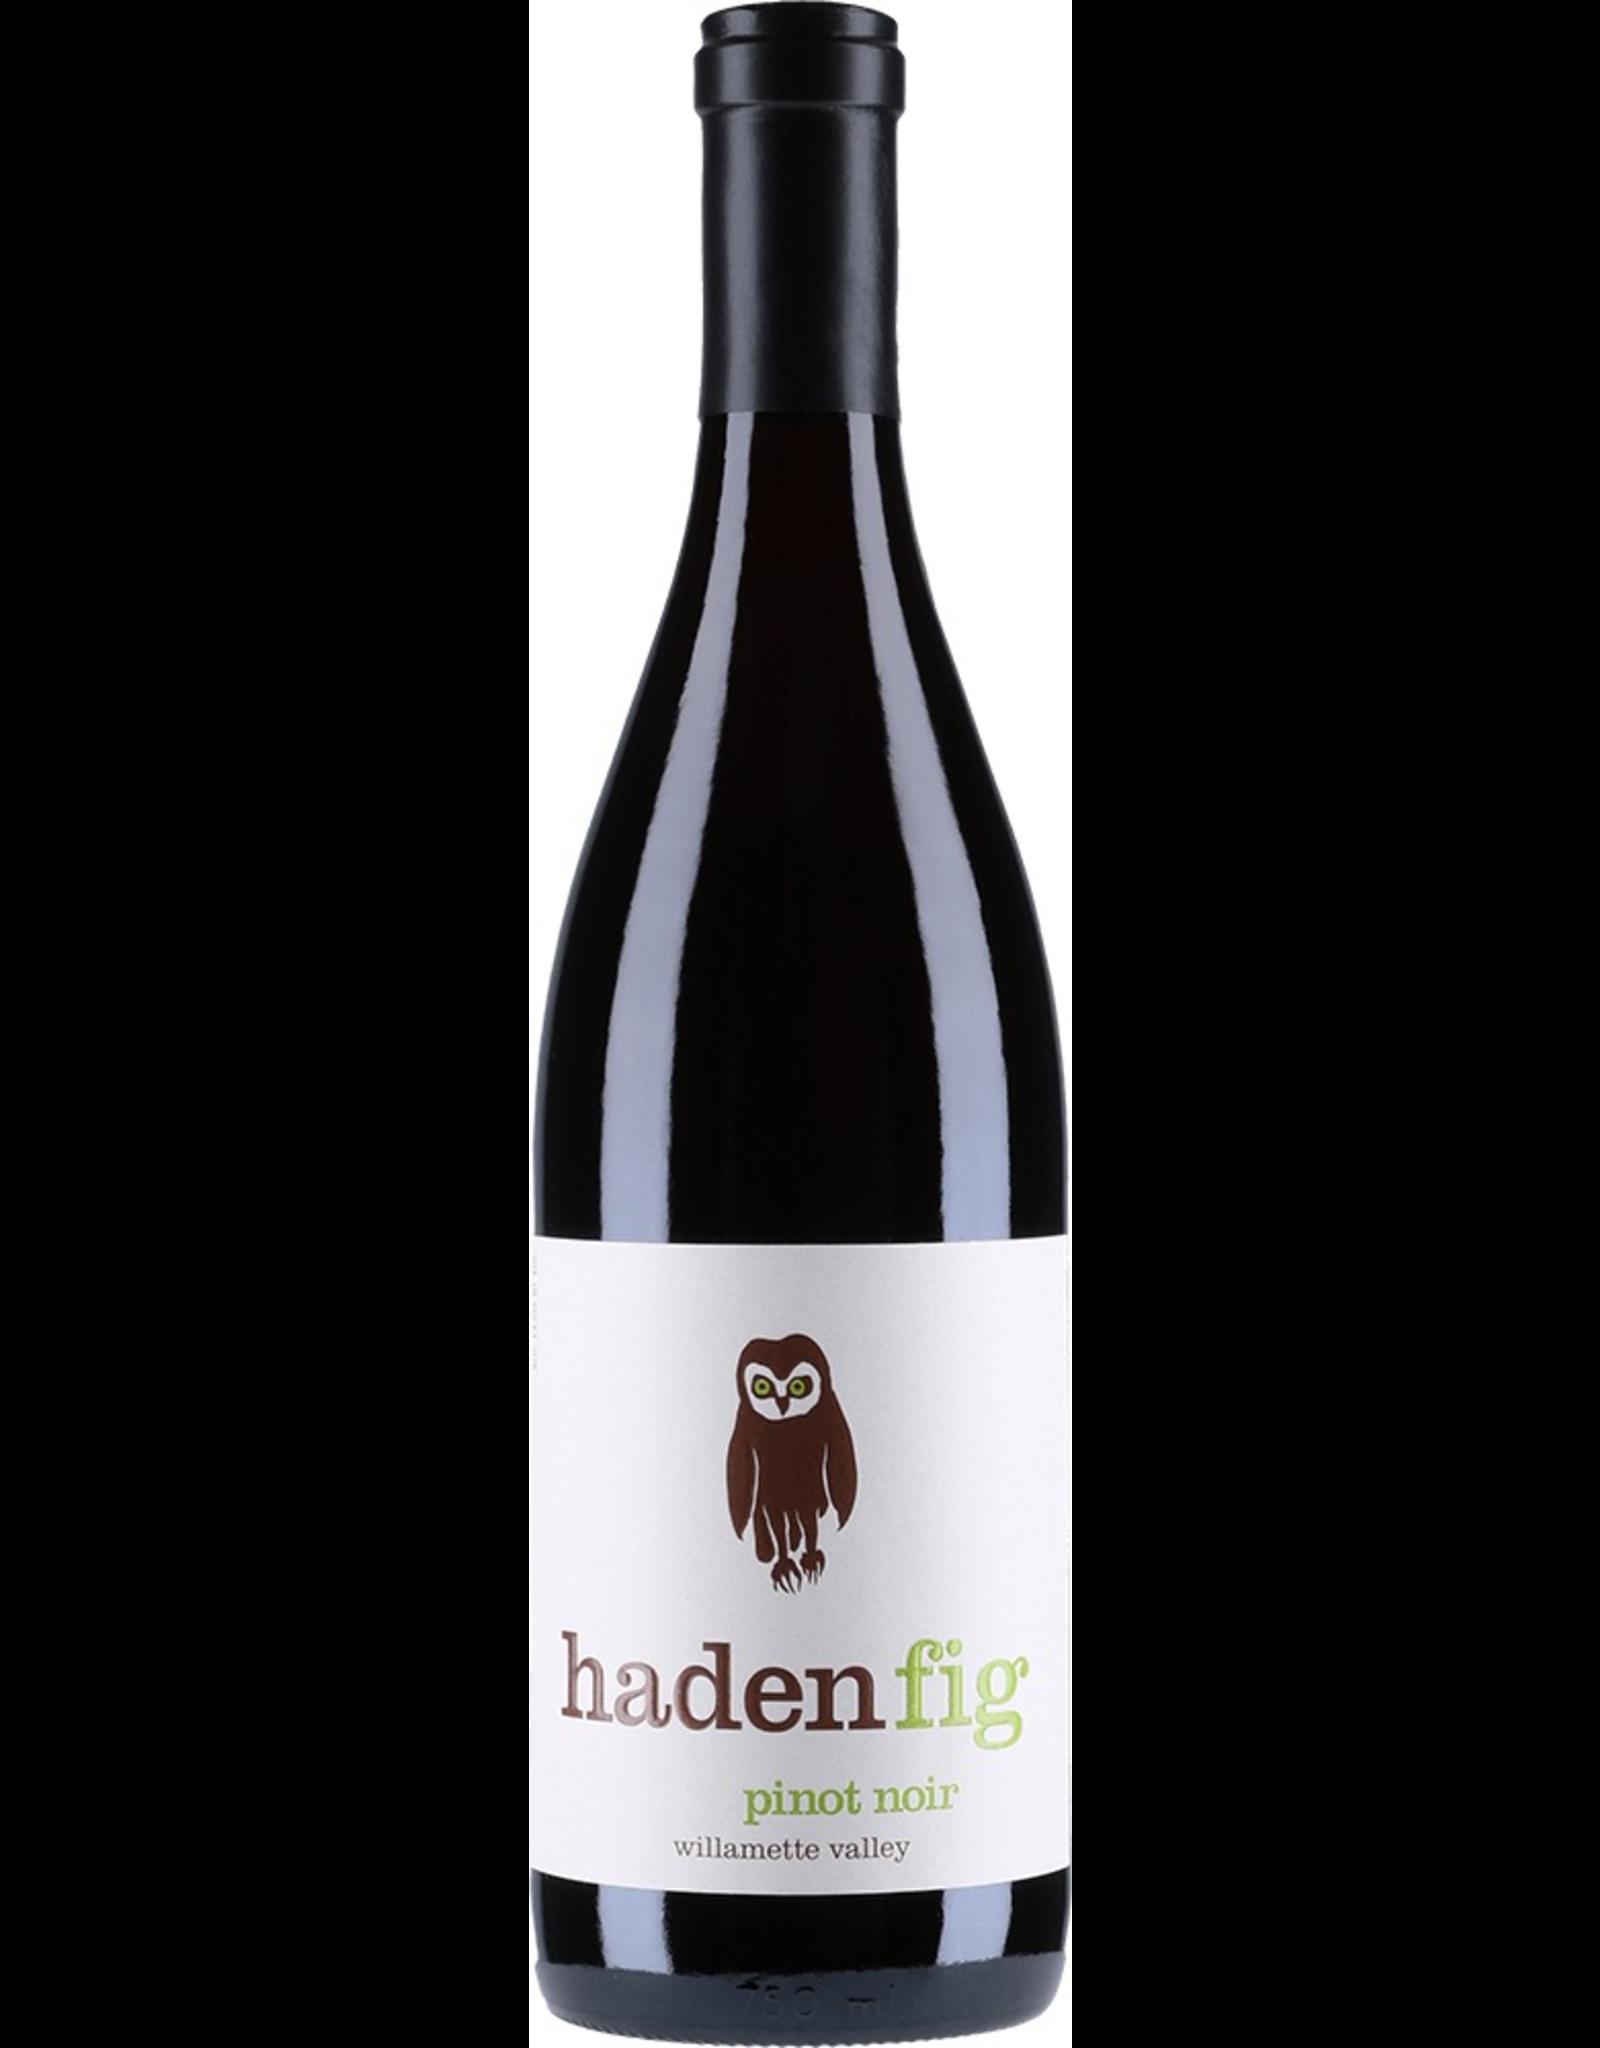 Red Wine 2017, Haden Fig, Pinot Noir, Multi-regional Blend, Willamette Valley, Oregon, 13.5% Alc, CTnr, JS91